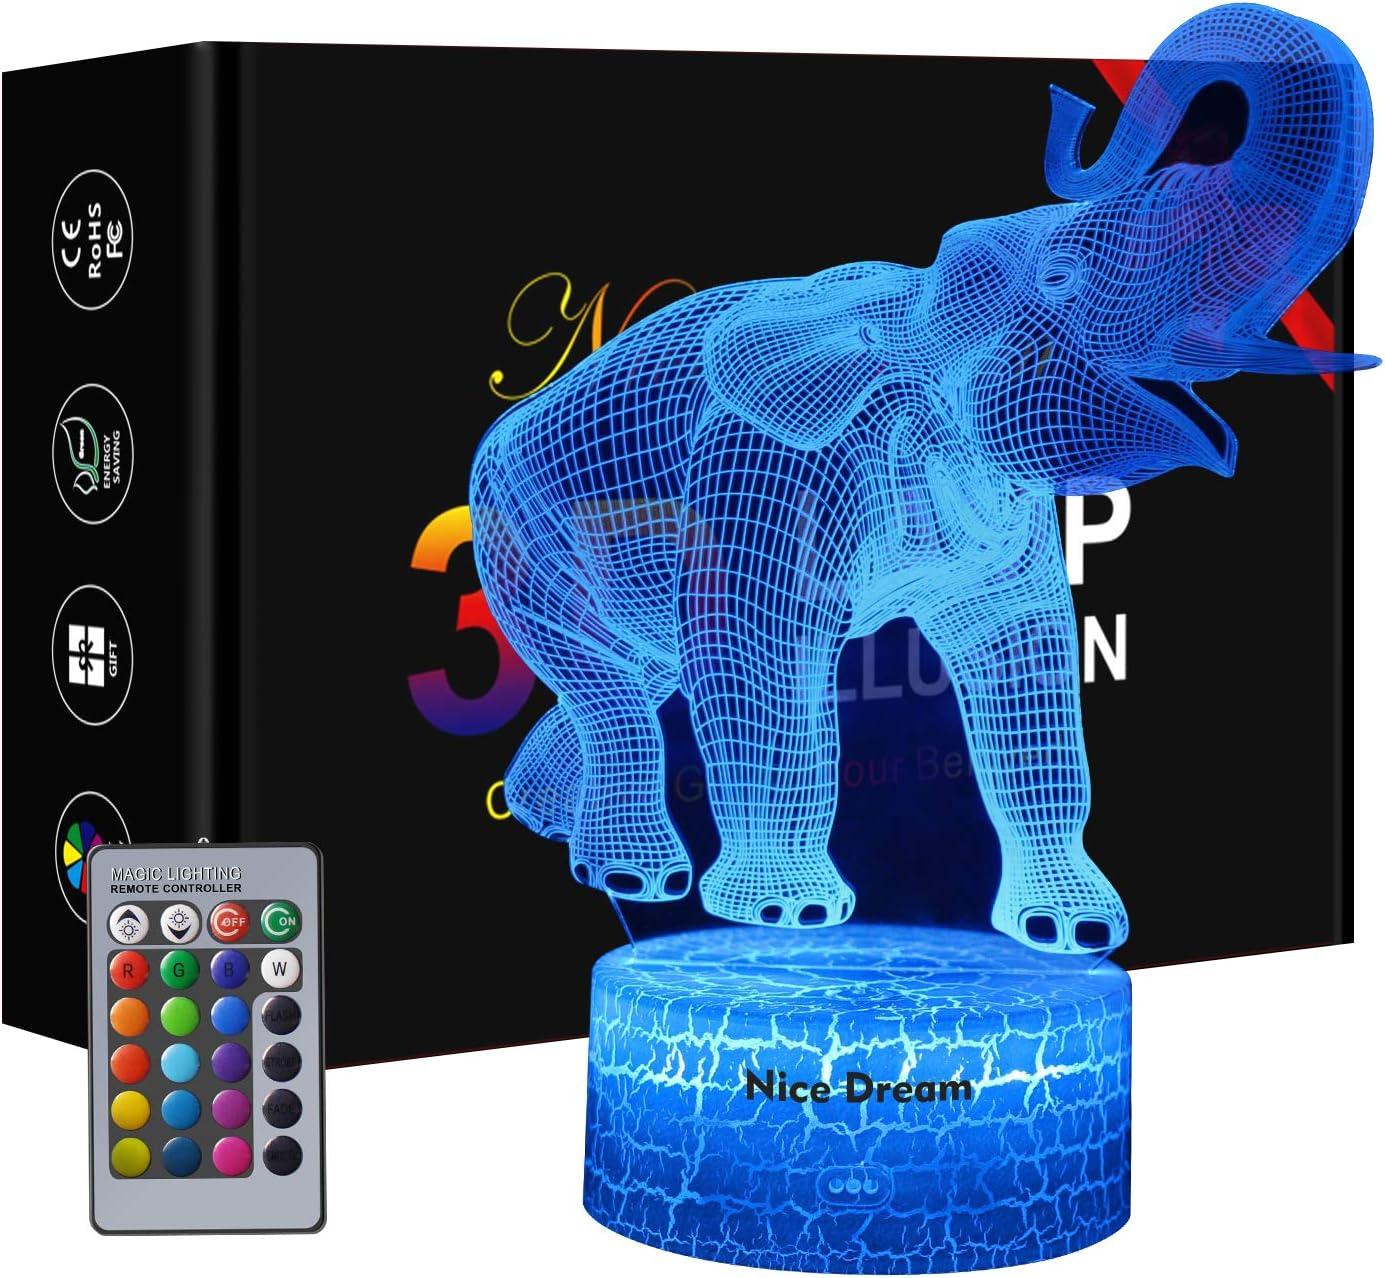 Elefant Nachtlicht für Kinder, 8D Illusions Lampe 8 Farben Ändern mit  Fernbedienung, Geburtstag Geschenk, Mädchen Geschenke 8 Jahre, Tochter ...